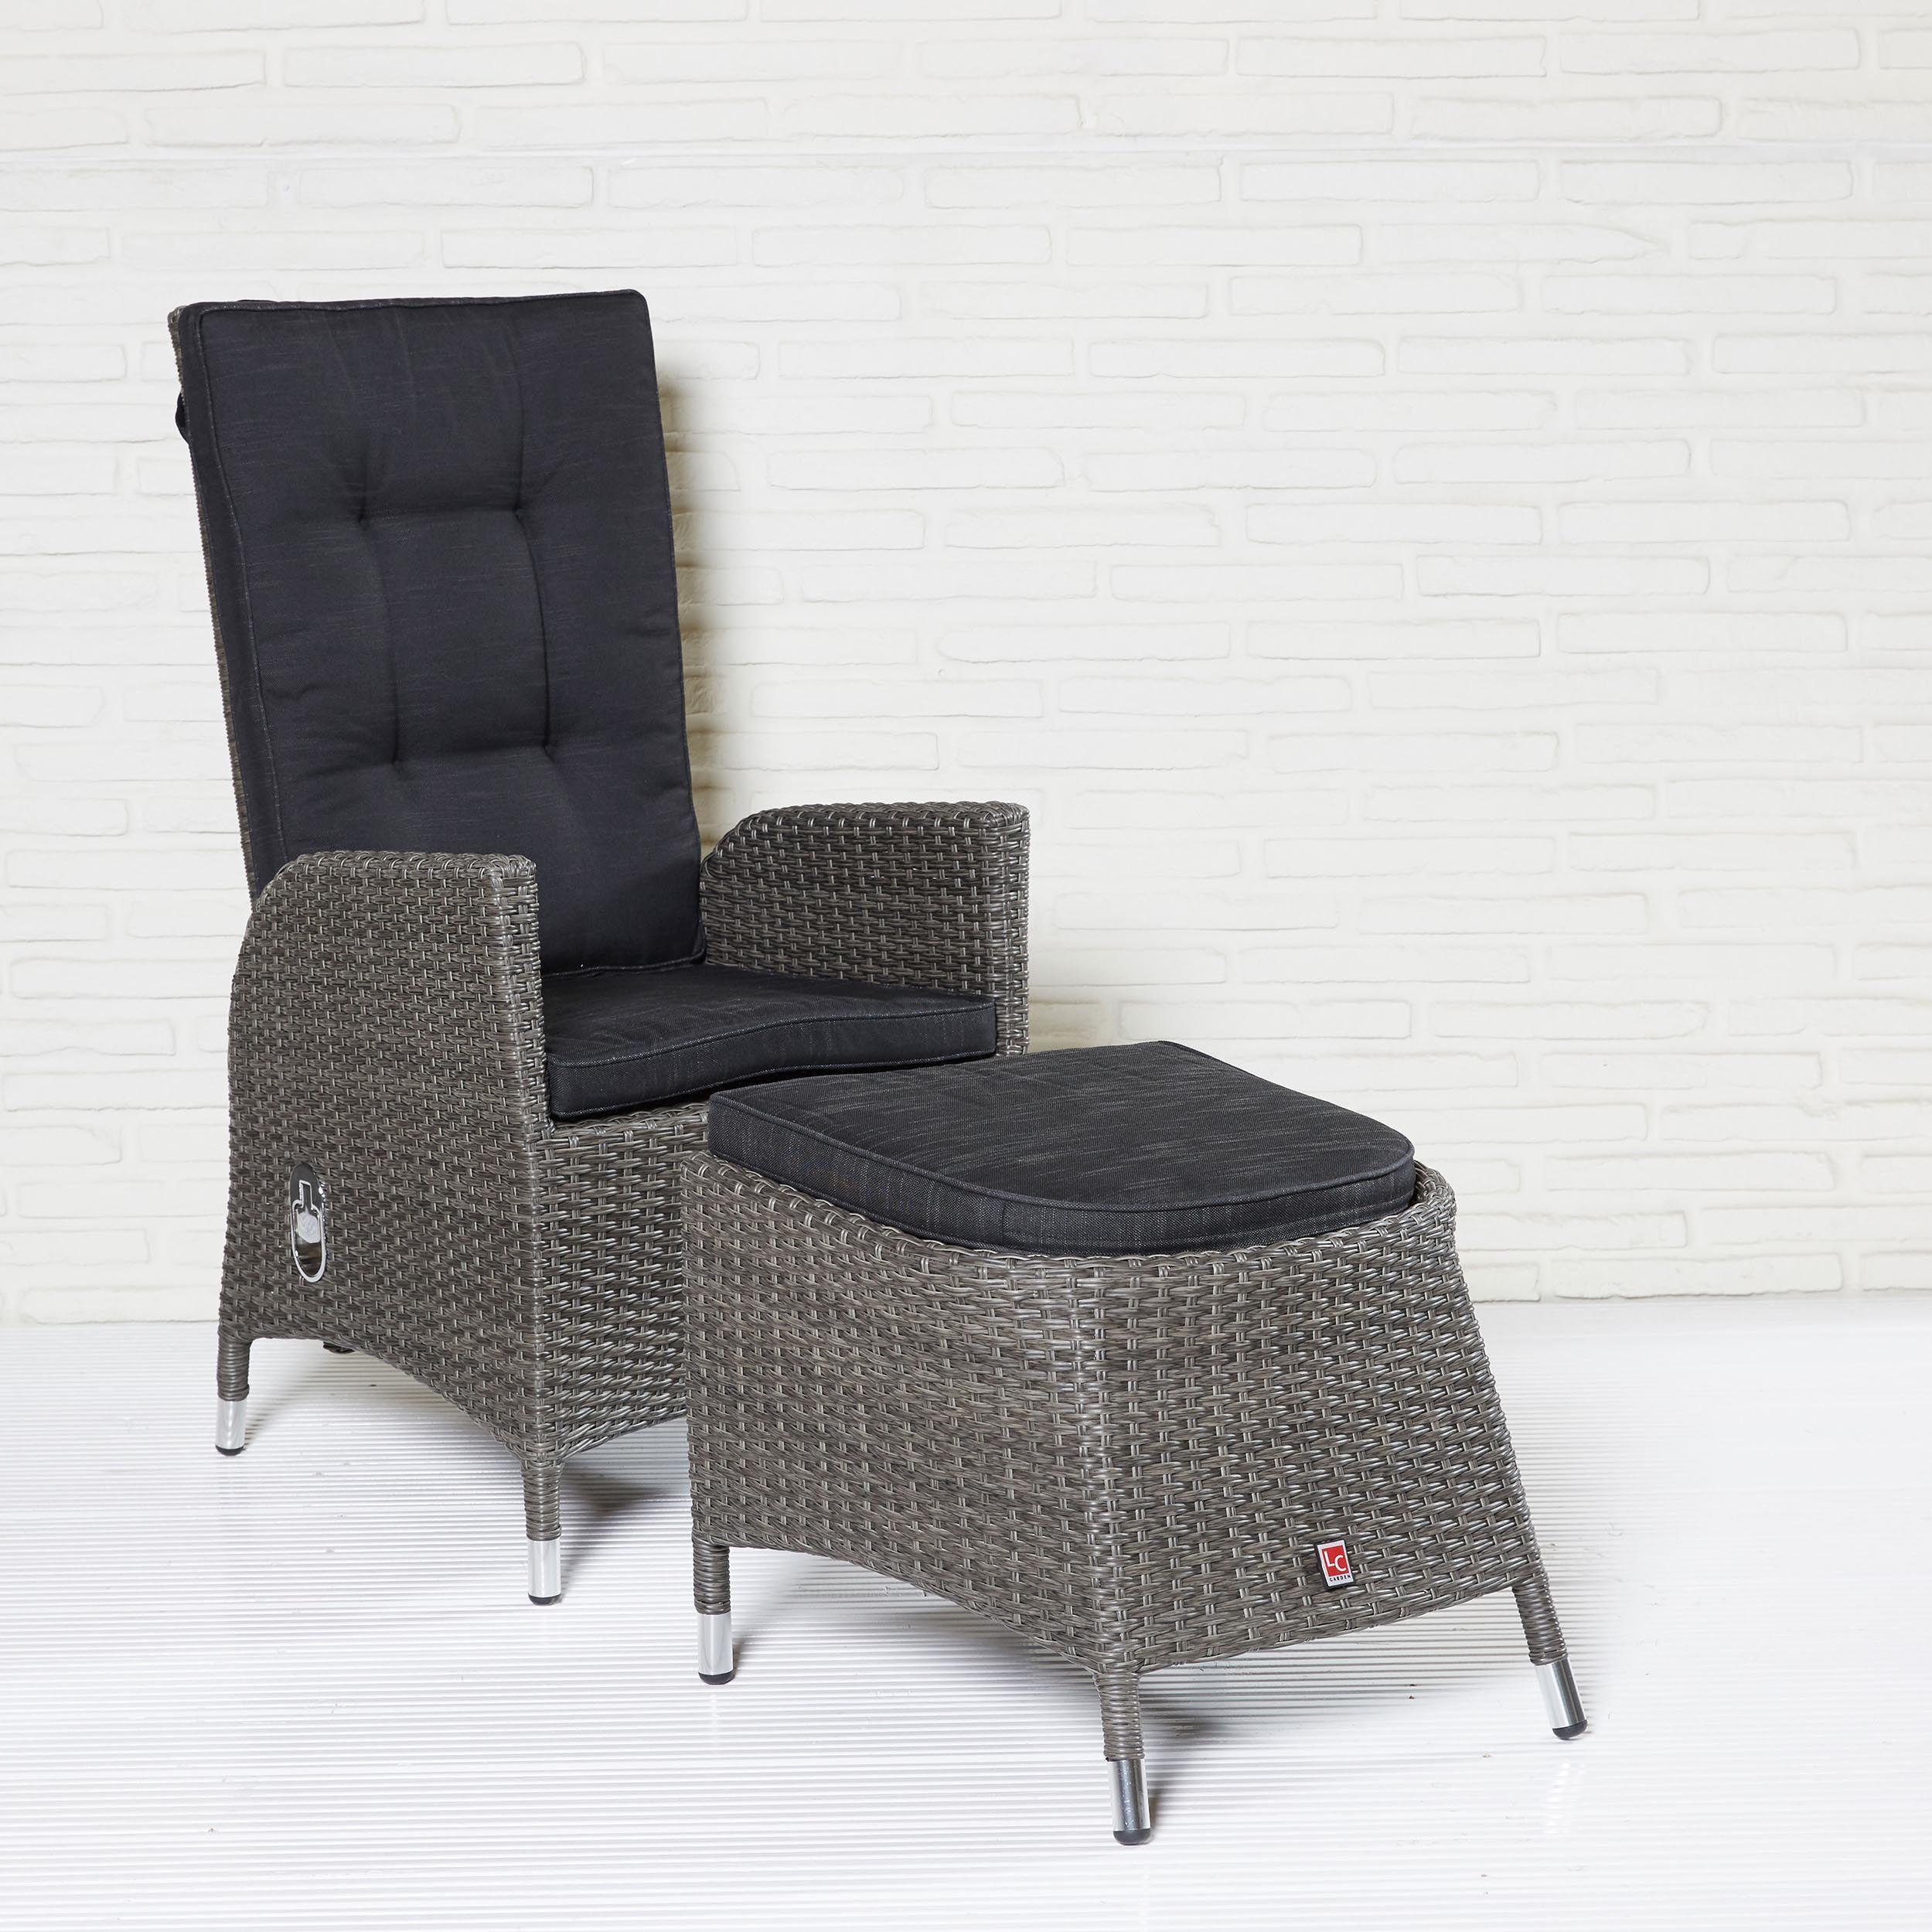 polyrattan liegesessel und hocker mit polsterauflagen barcelona dining gartenm belserie. Black Bedroom Furniture Sets. Home Design Ideas